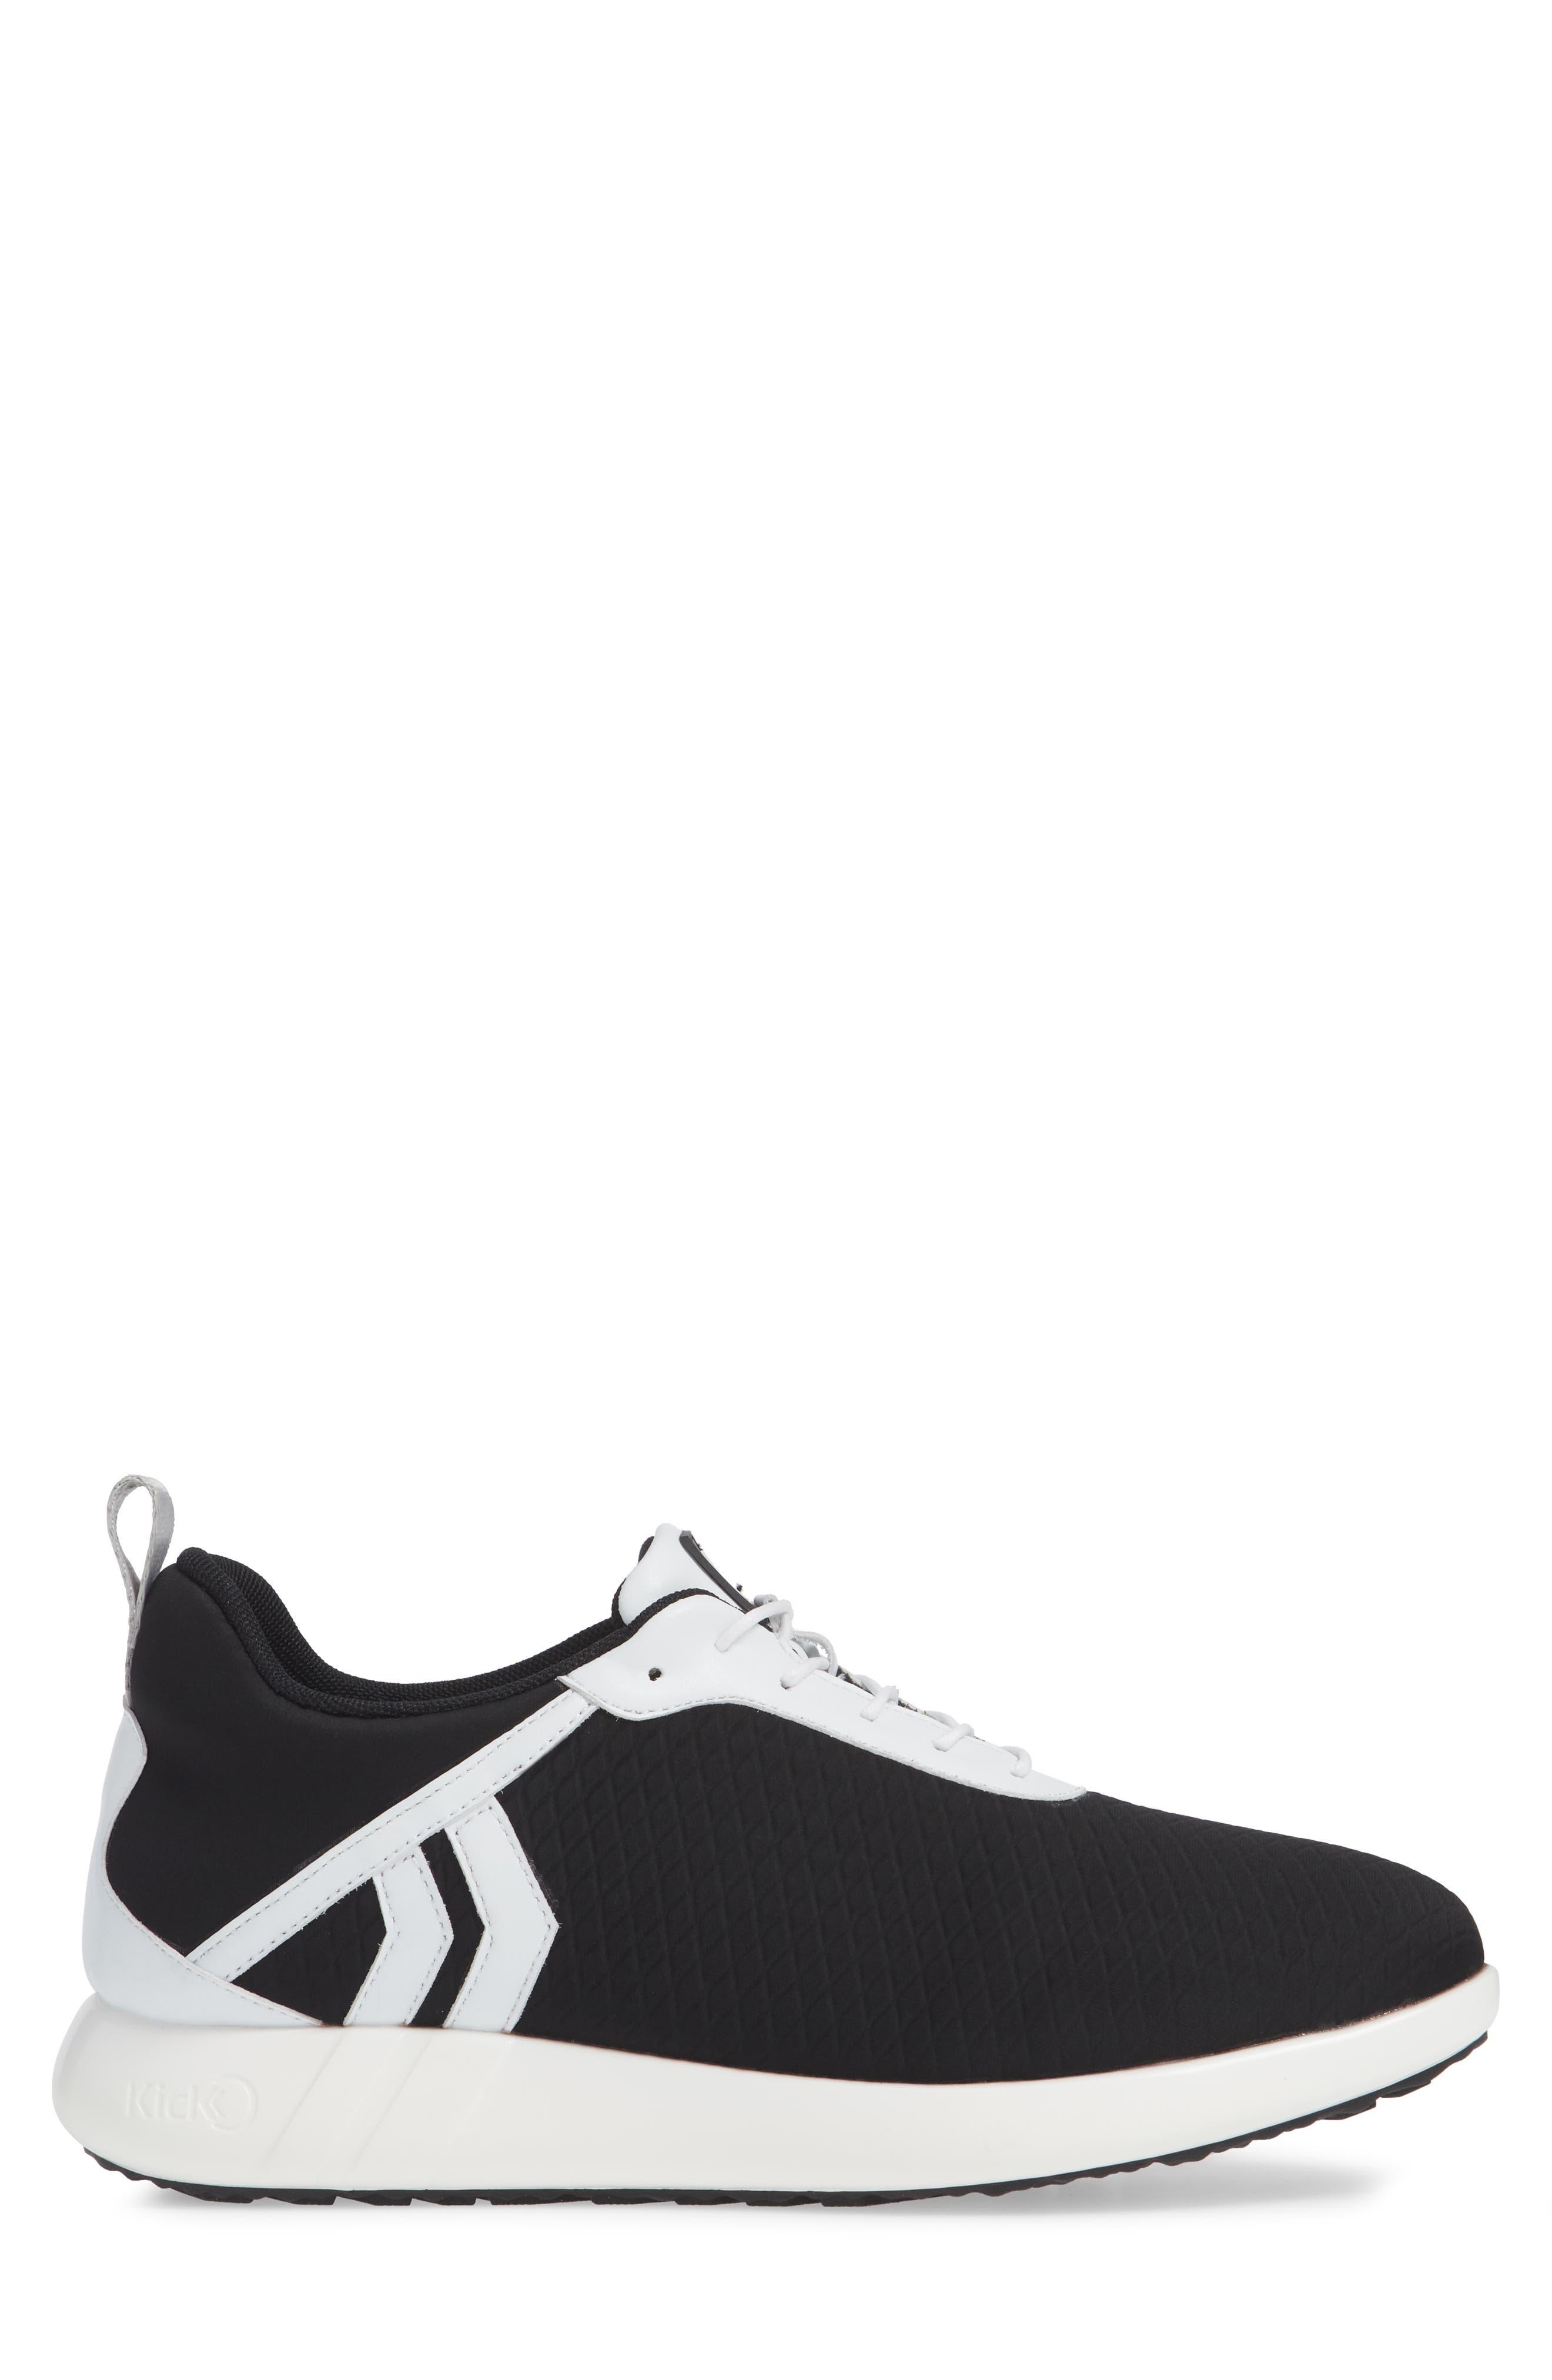 Ultra Sneaker,                             Alternate thumbnail 3, color,                             001